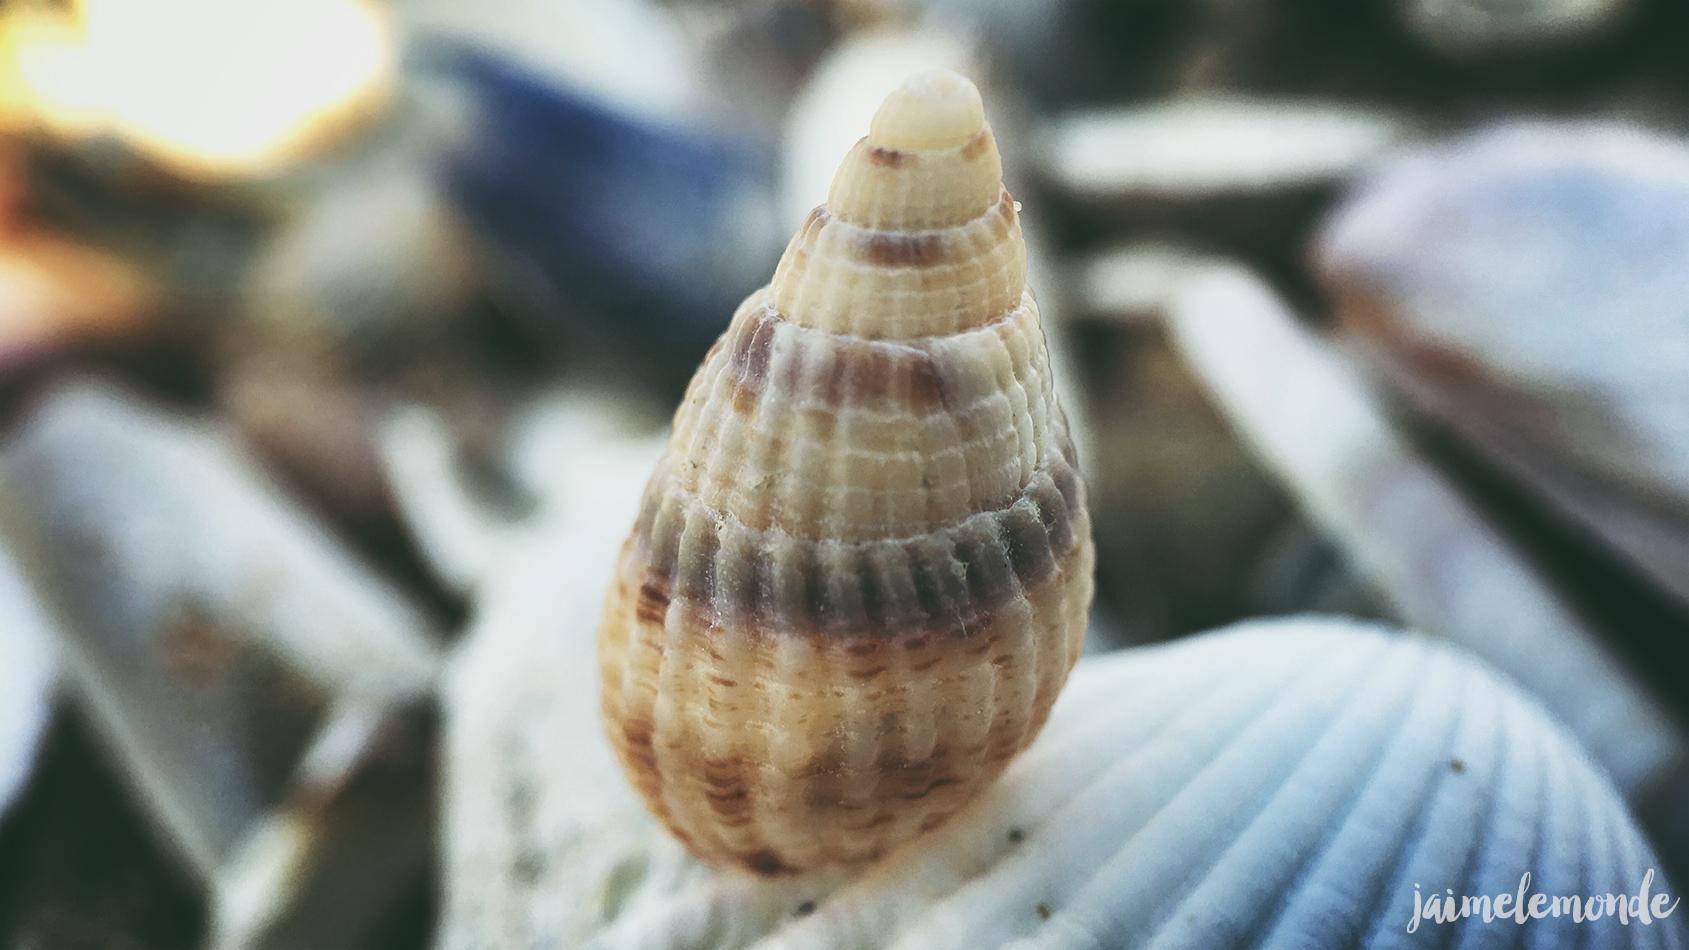 Pixter - Macro pro - Blonville sur mer - ©jaimelemonde (7)